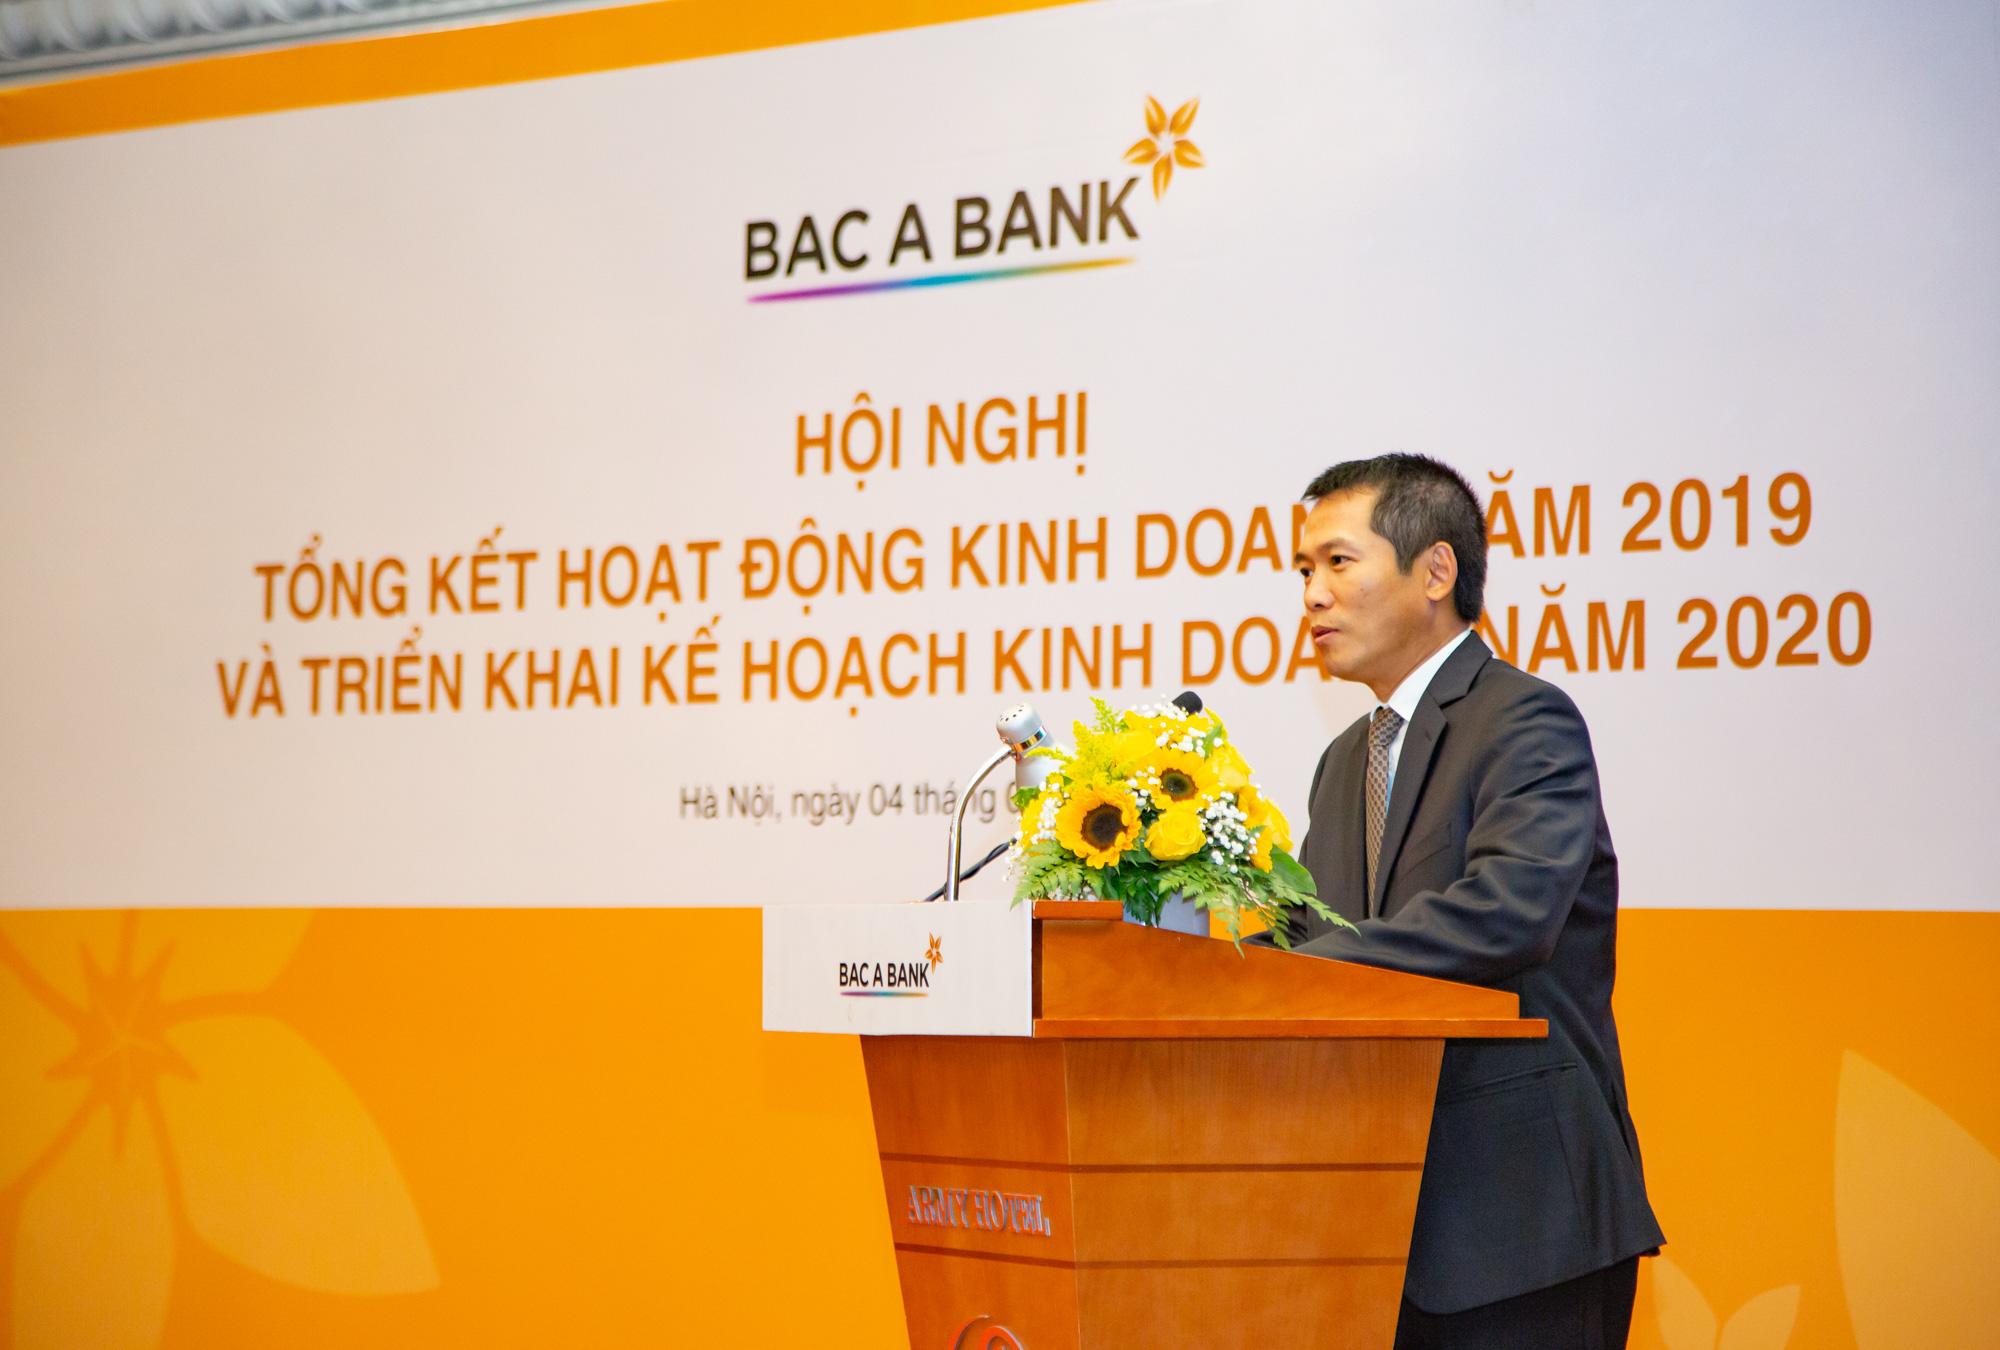 Lãi trước thuế 2019 của Bac A Bank đạt 928 tỉ đồng, tổng tài sản vượt mốc 100.000 tỉ đồng - Ảnh 1.